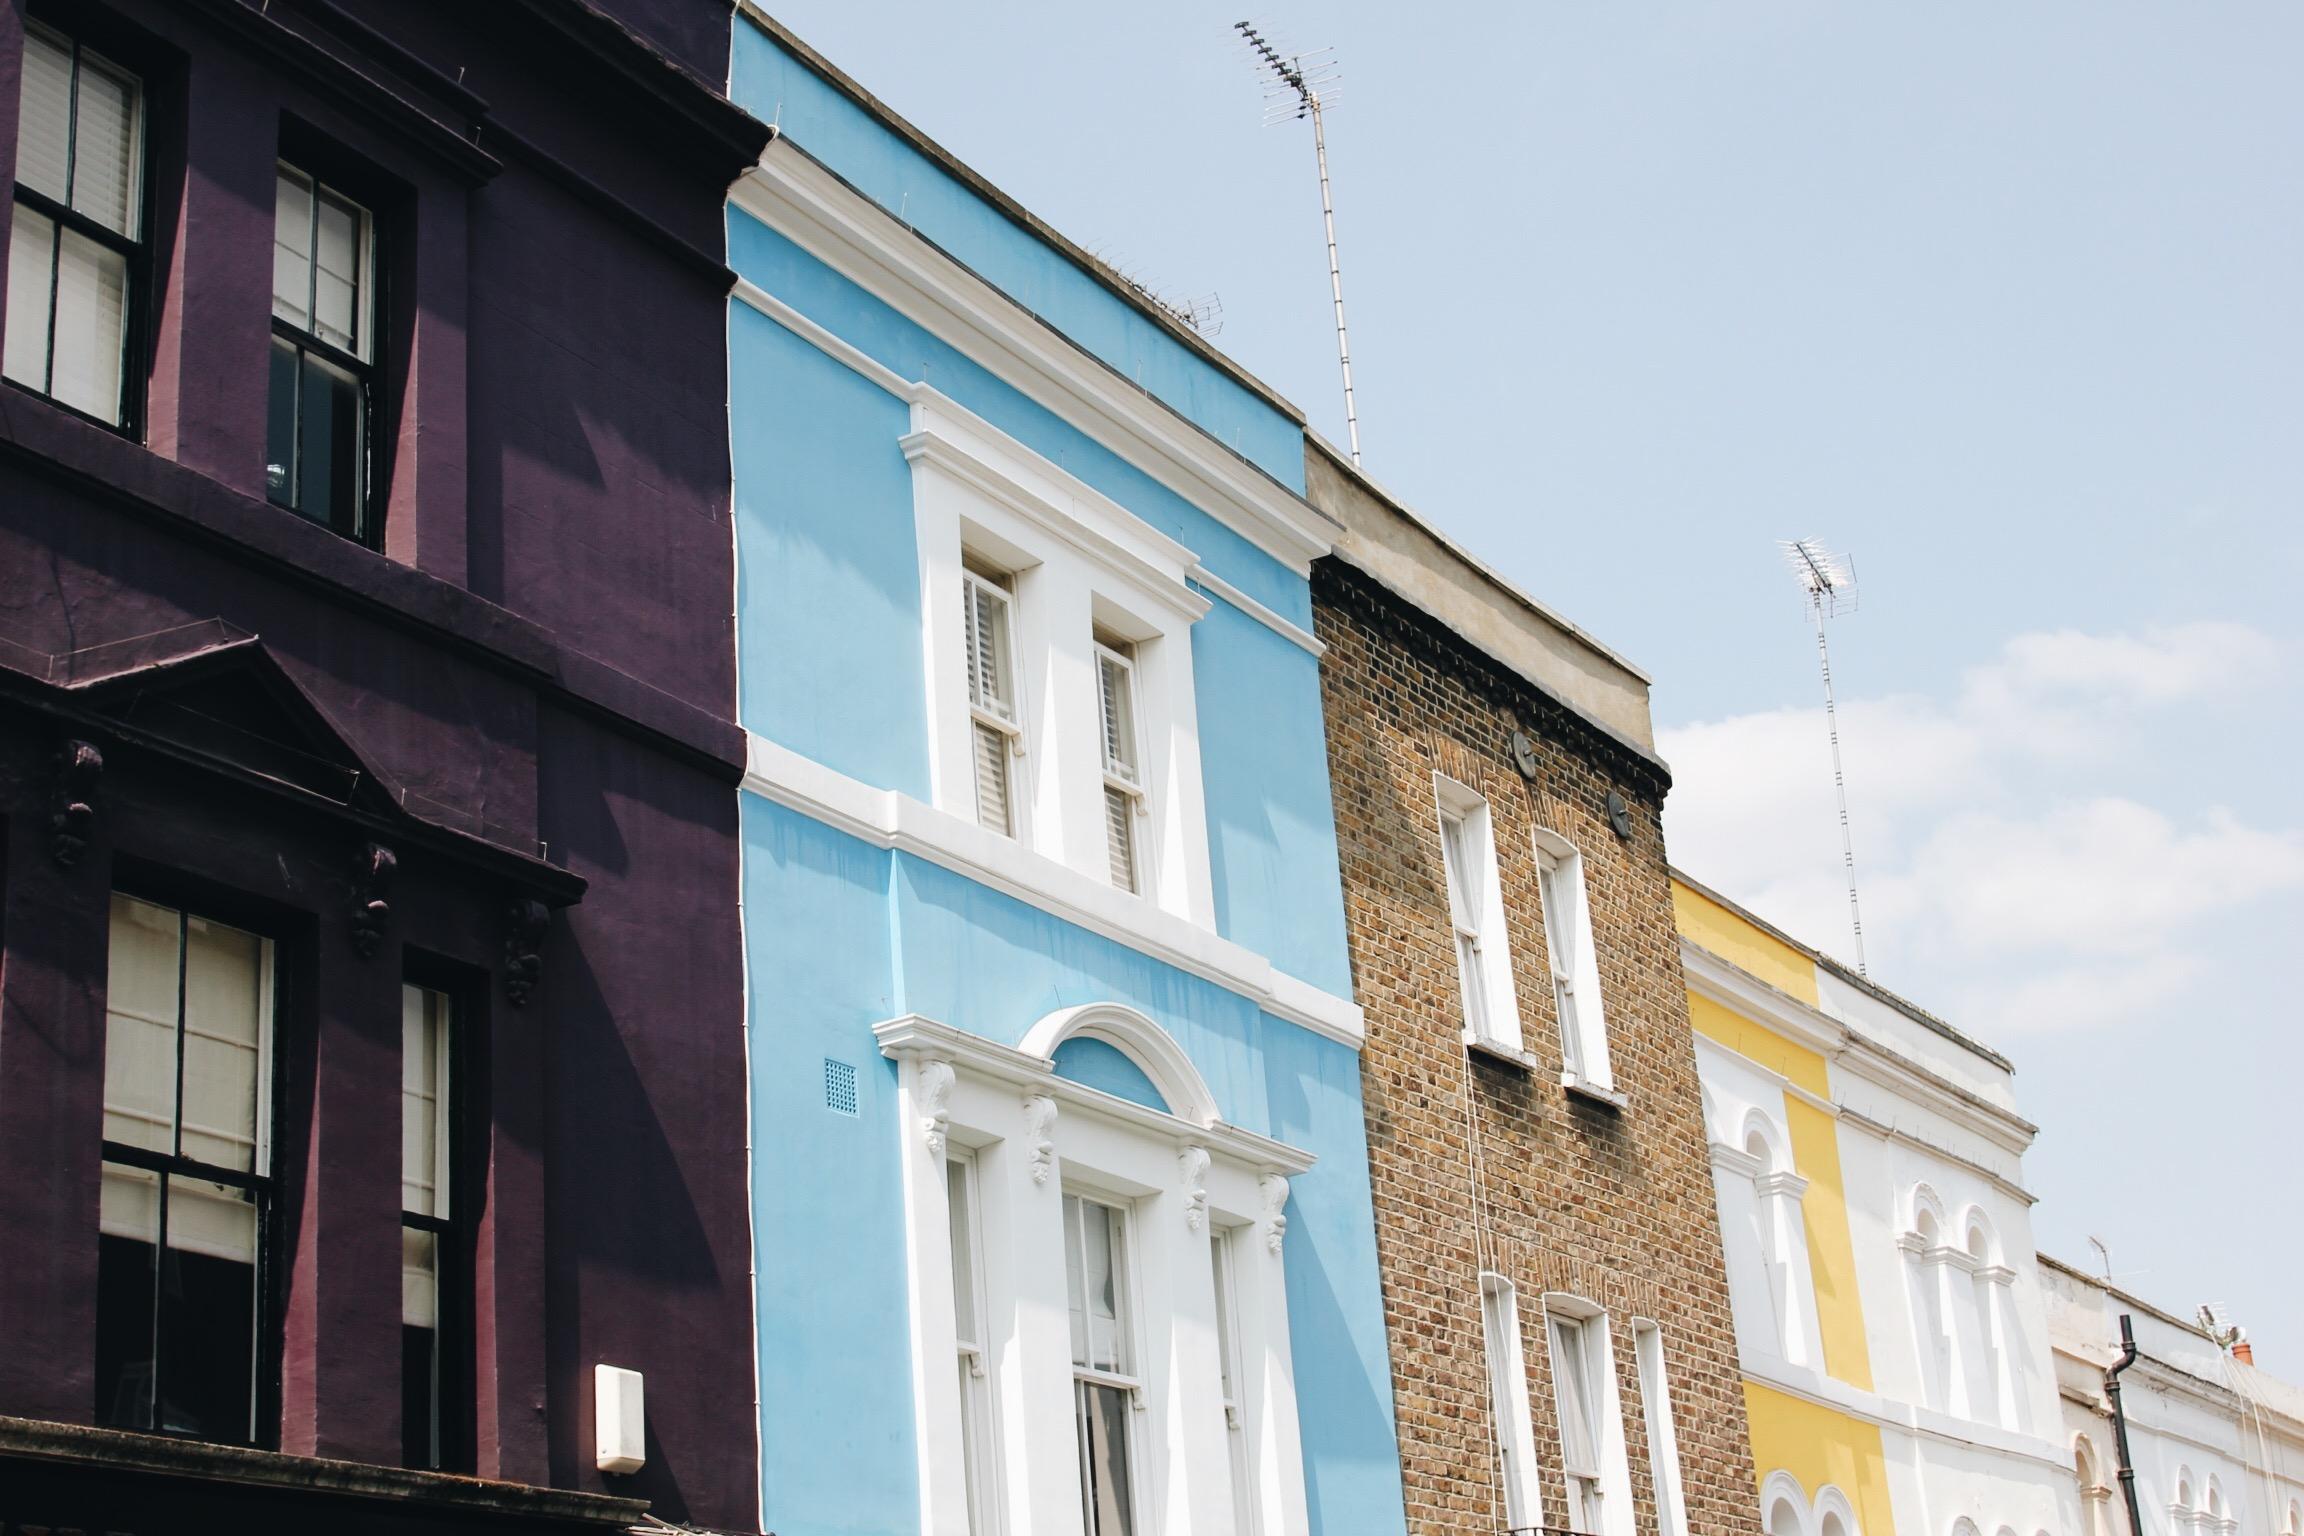 Notting-Hill-Portobello-road-londres.jpg